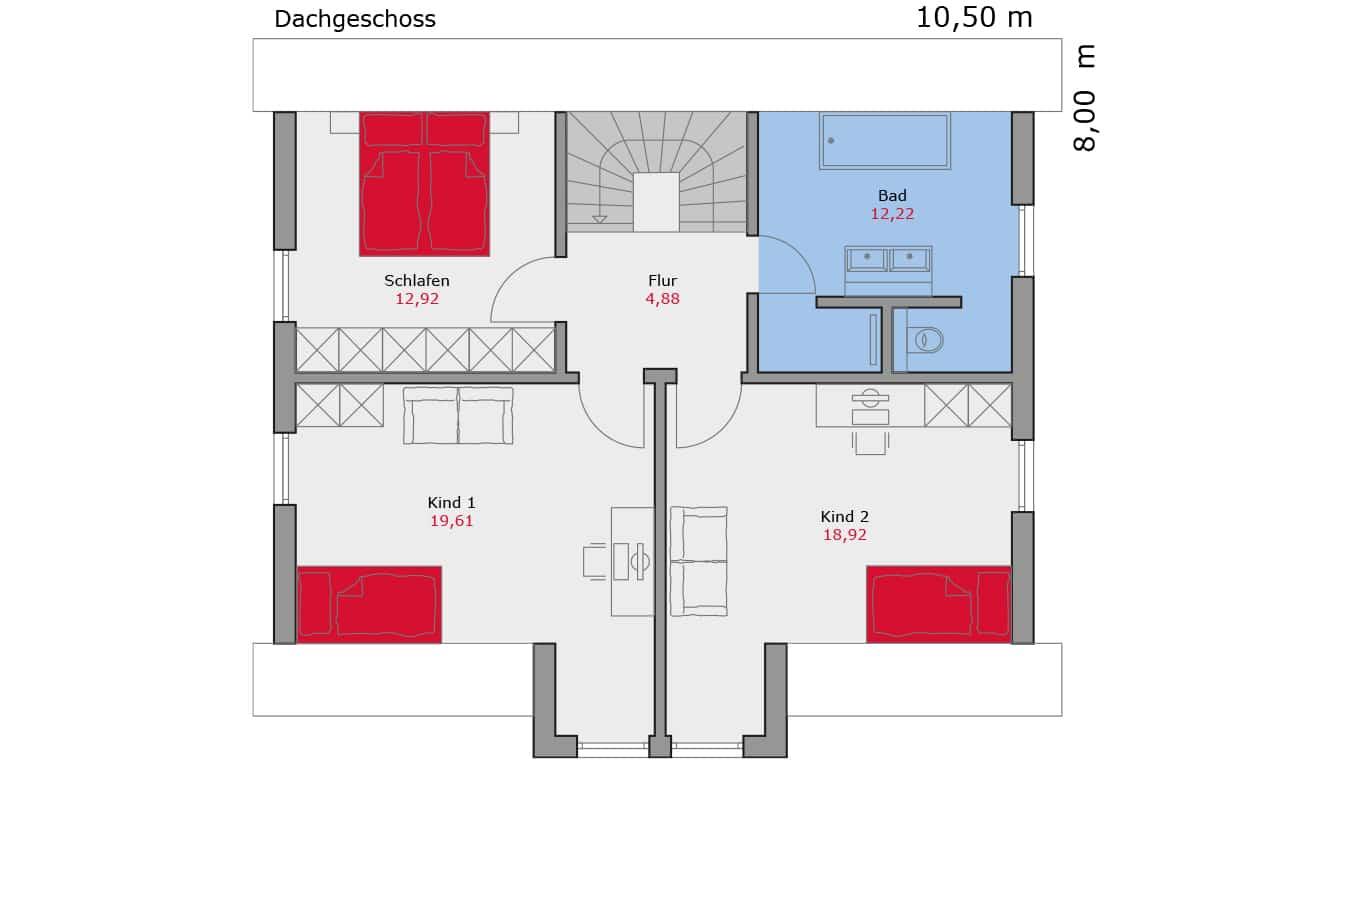 Haus111_Grundriss_Dachgeschoss_Satteldach_Einfamilienhaus